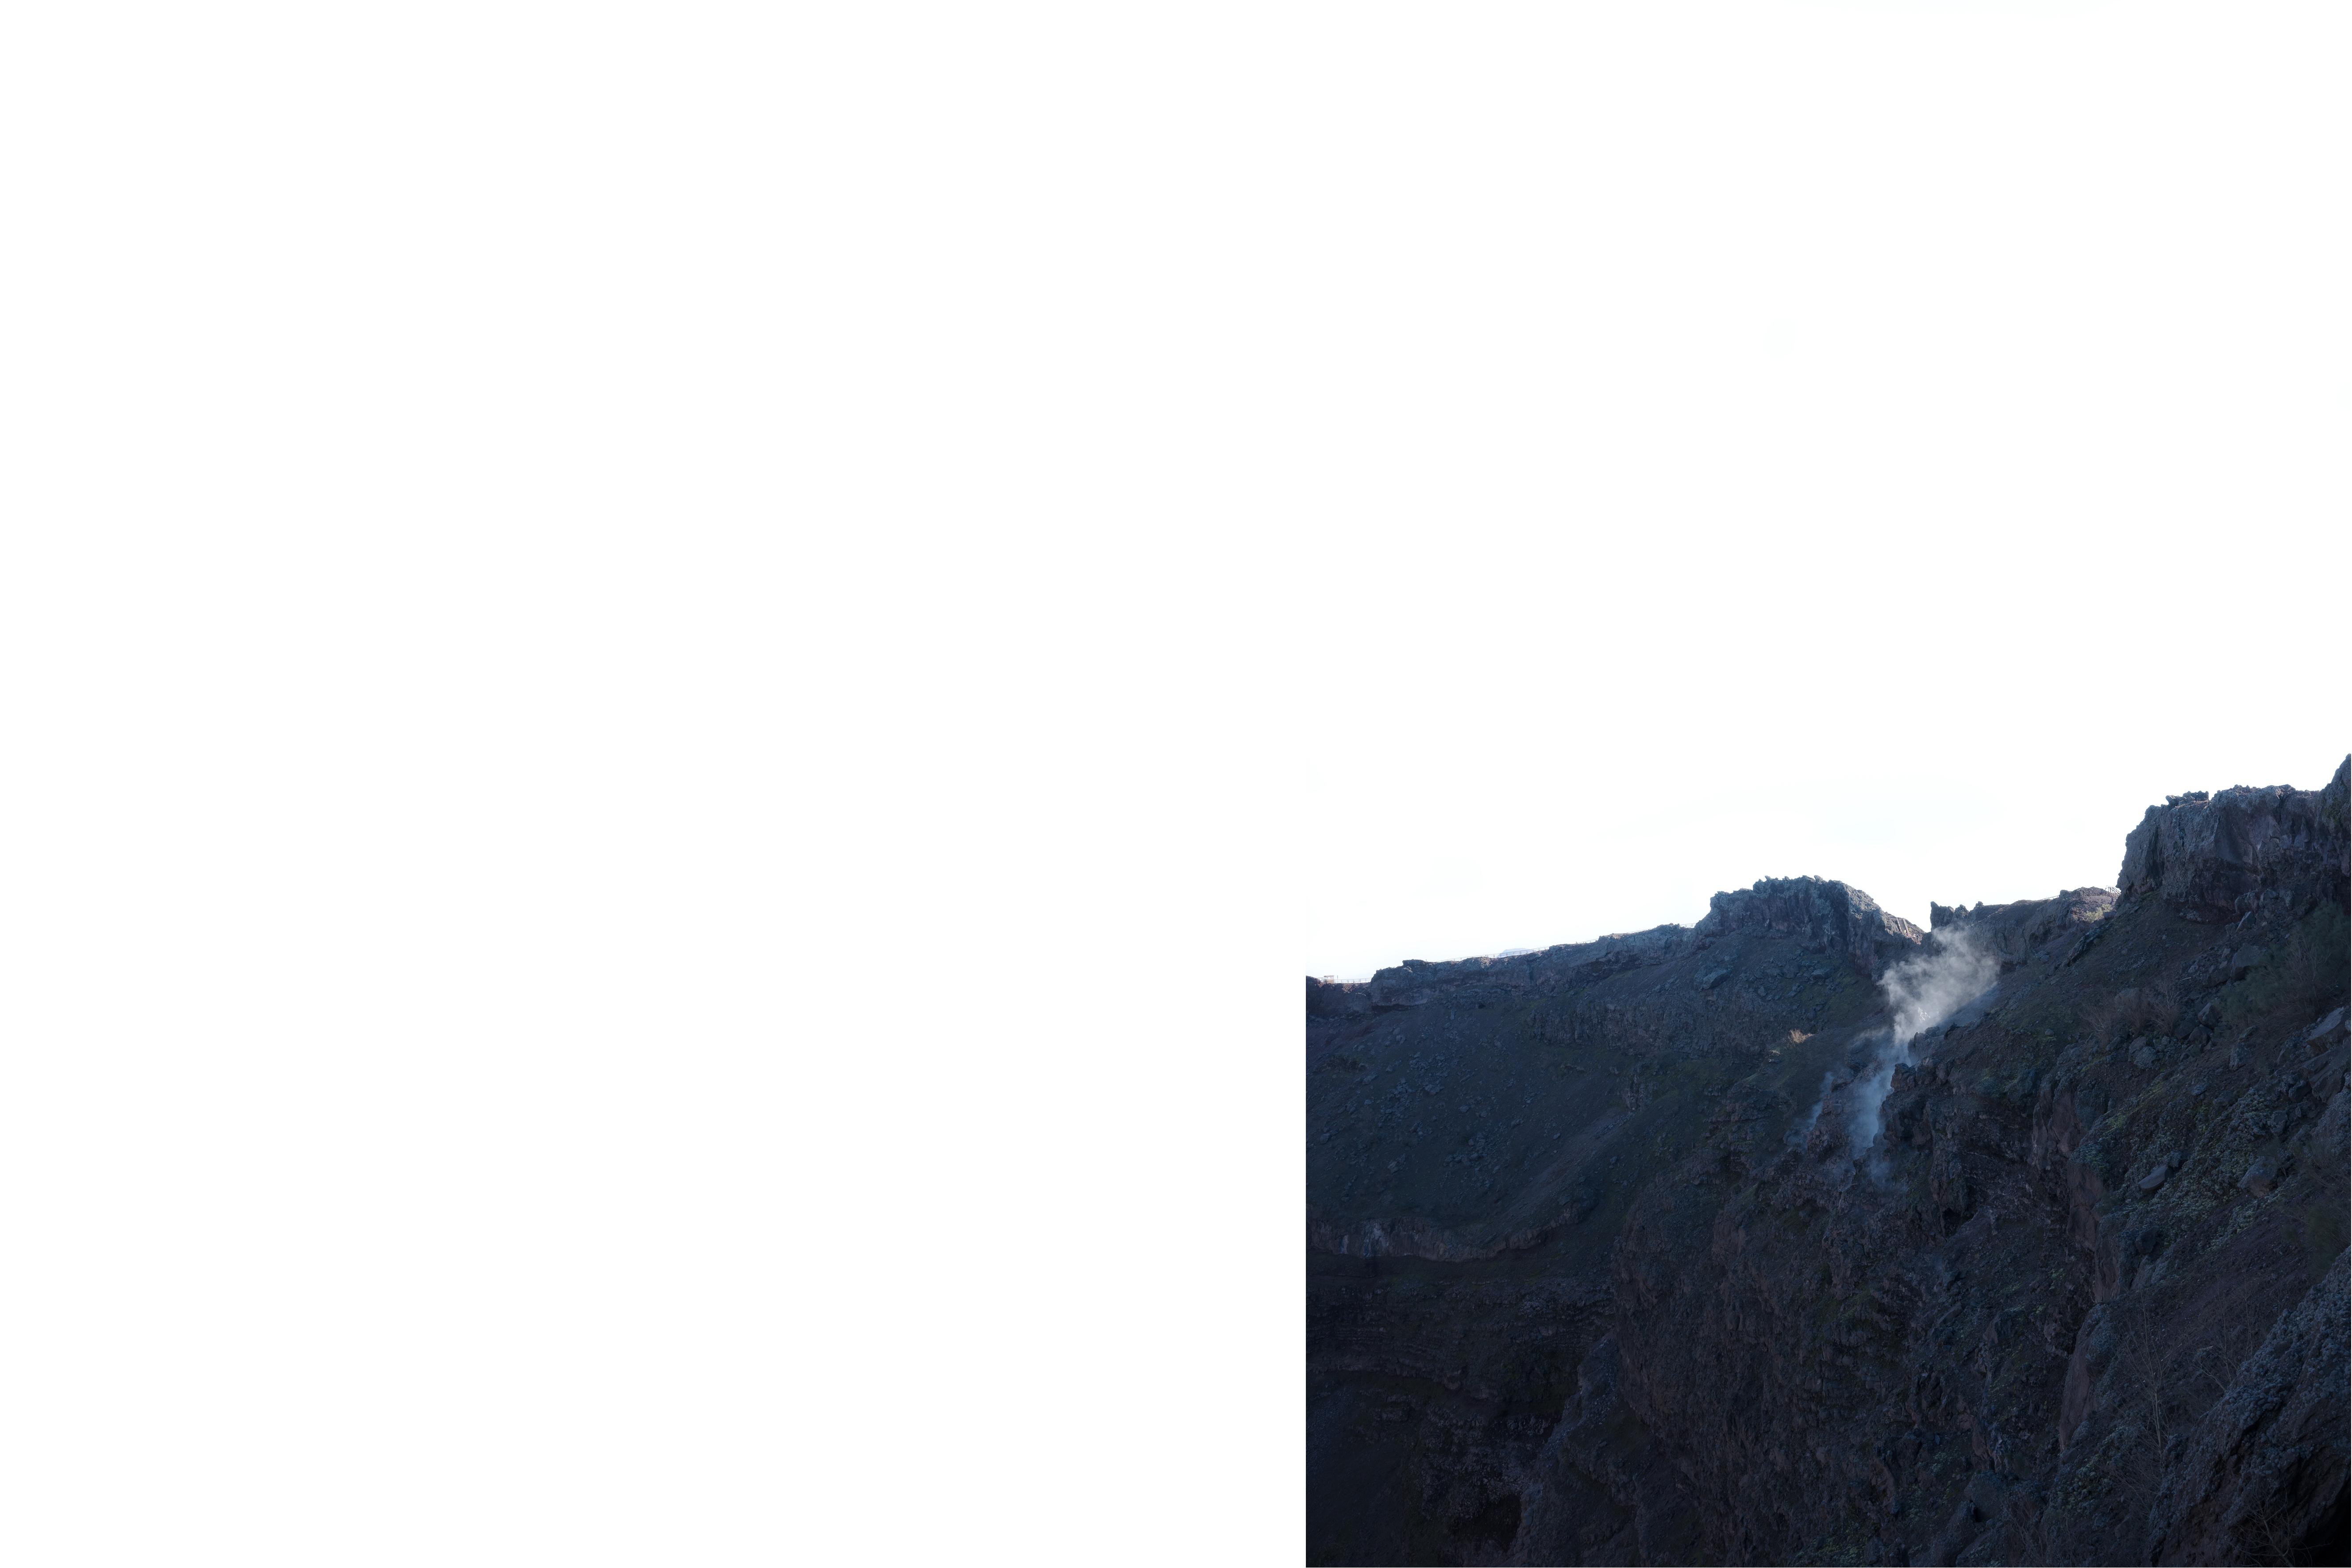 06_Around_Mount_Vesuvius_2020©Joanna_Vortmann